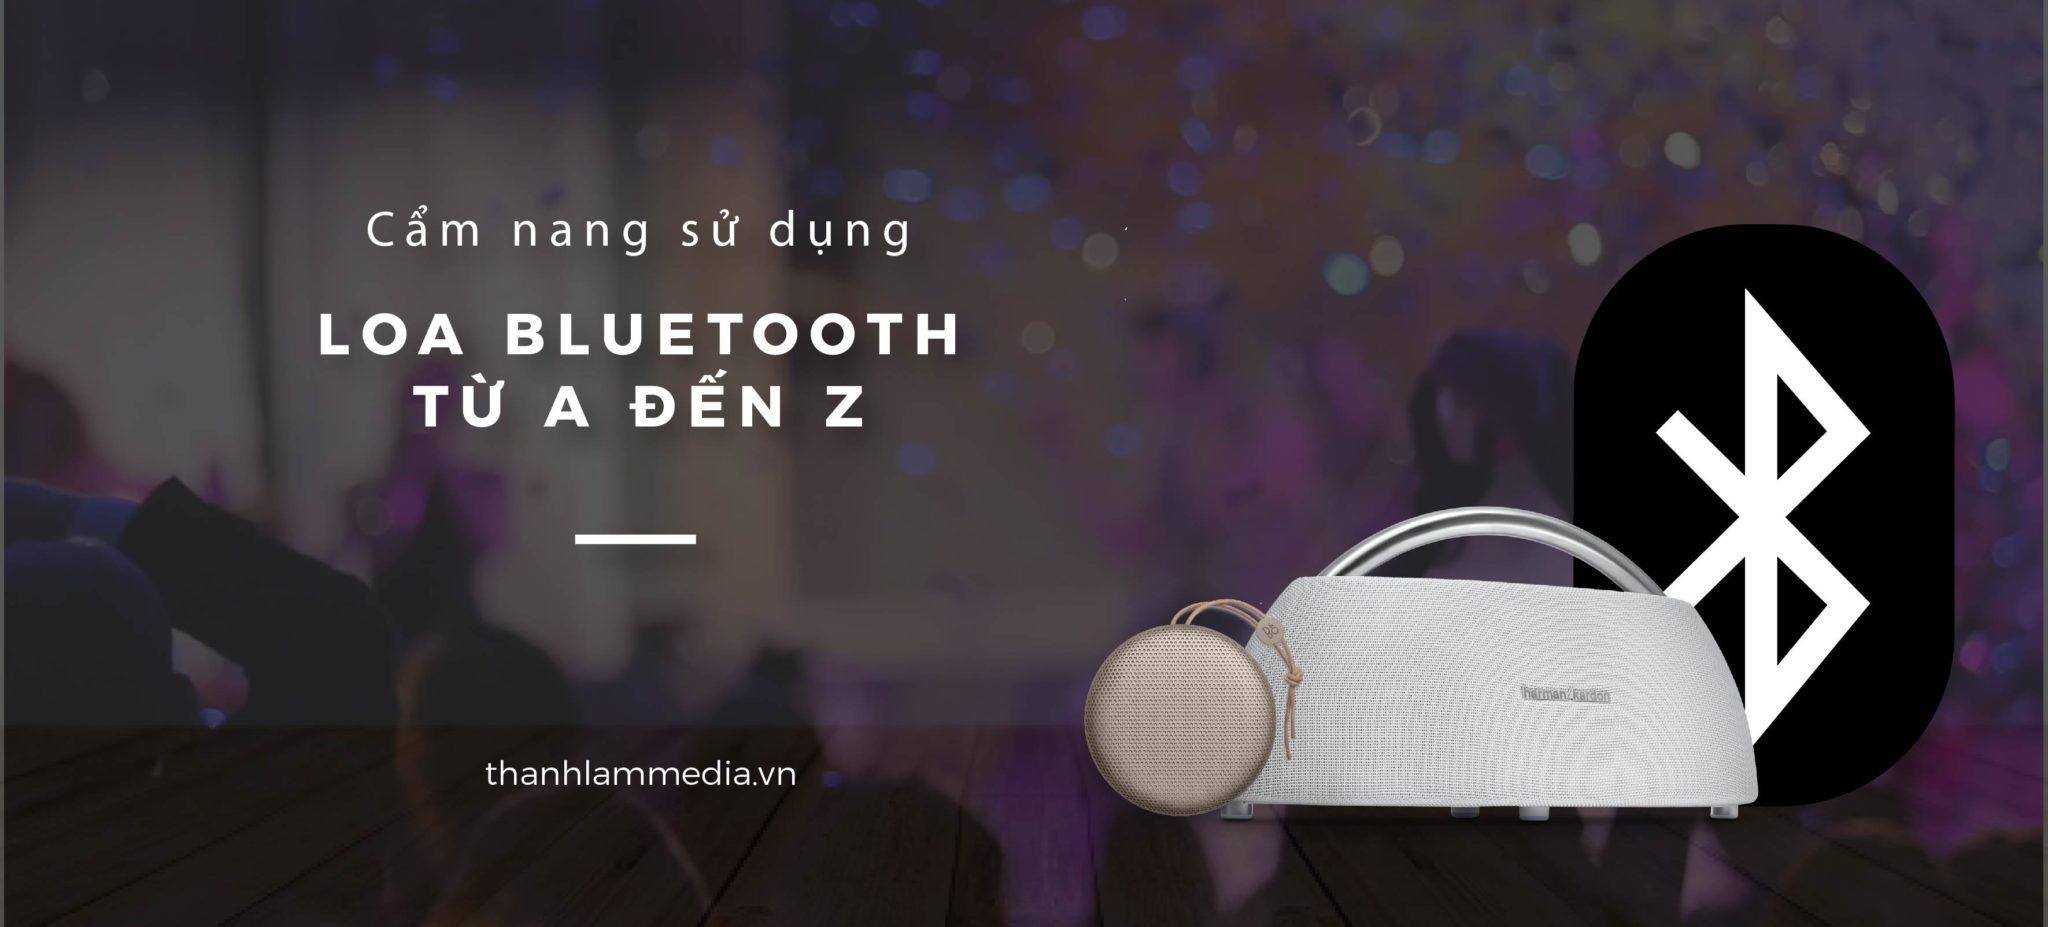 Cẩm nang sử dụng loa Bluetooth - tổng hợp kiến thức về loa bluetooth từ A-Z 11